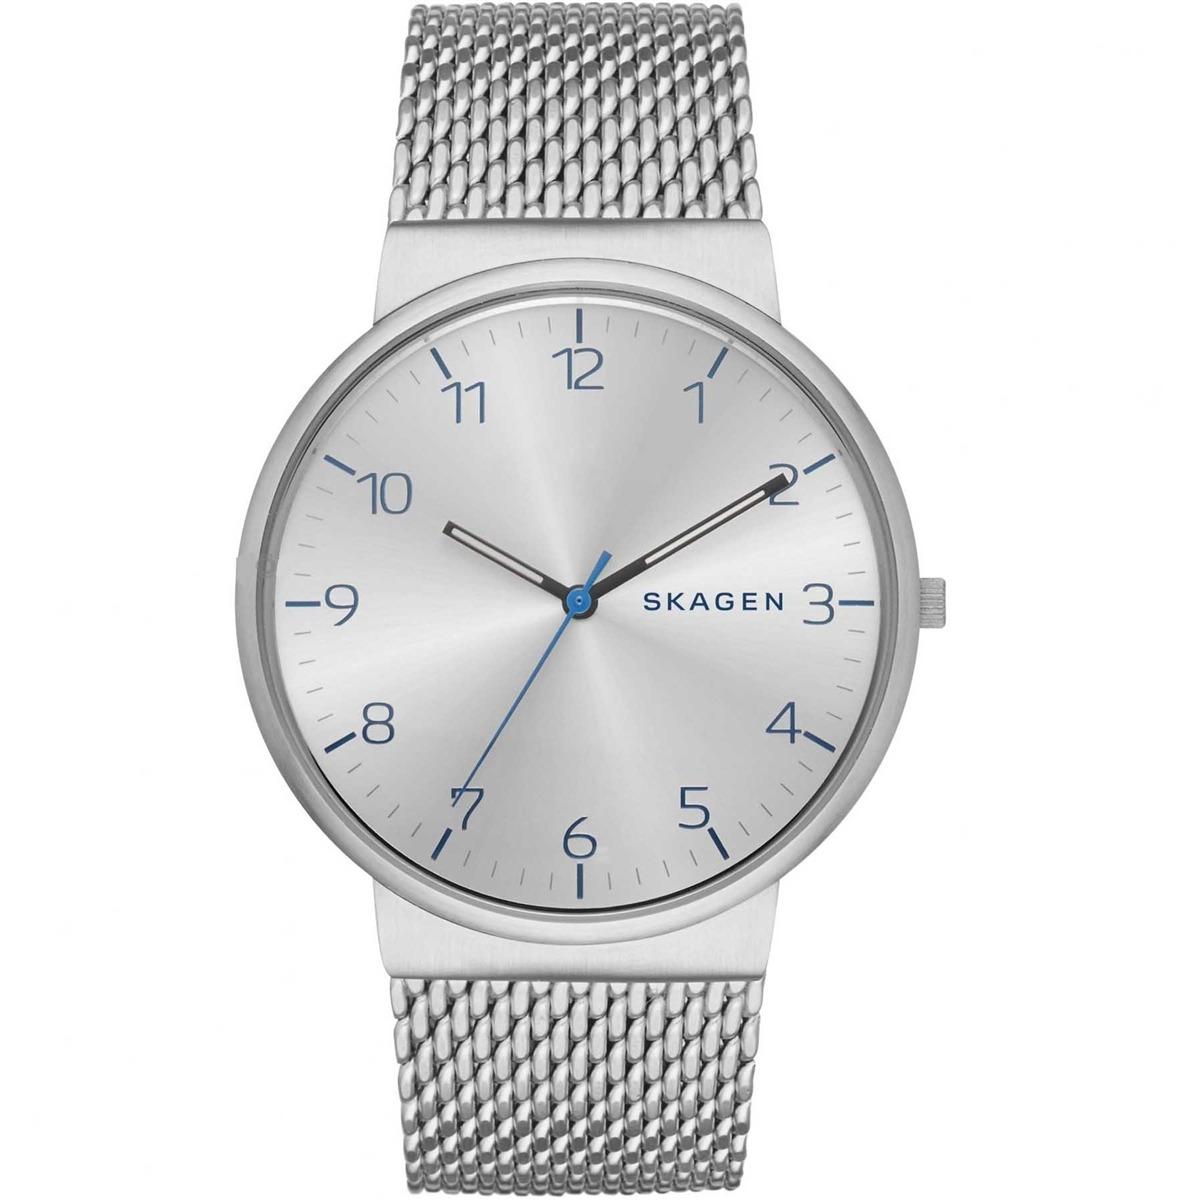 Relógio Skagen Masculino Slim Analógico Skw6163 z - R  1.099,00 em ... 61b180cc31